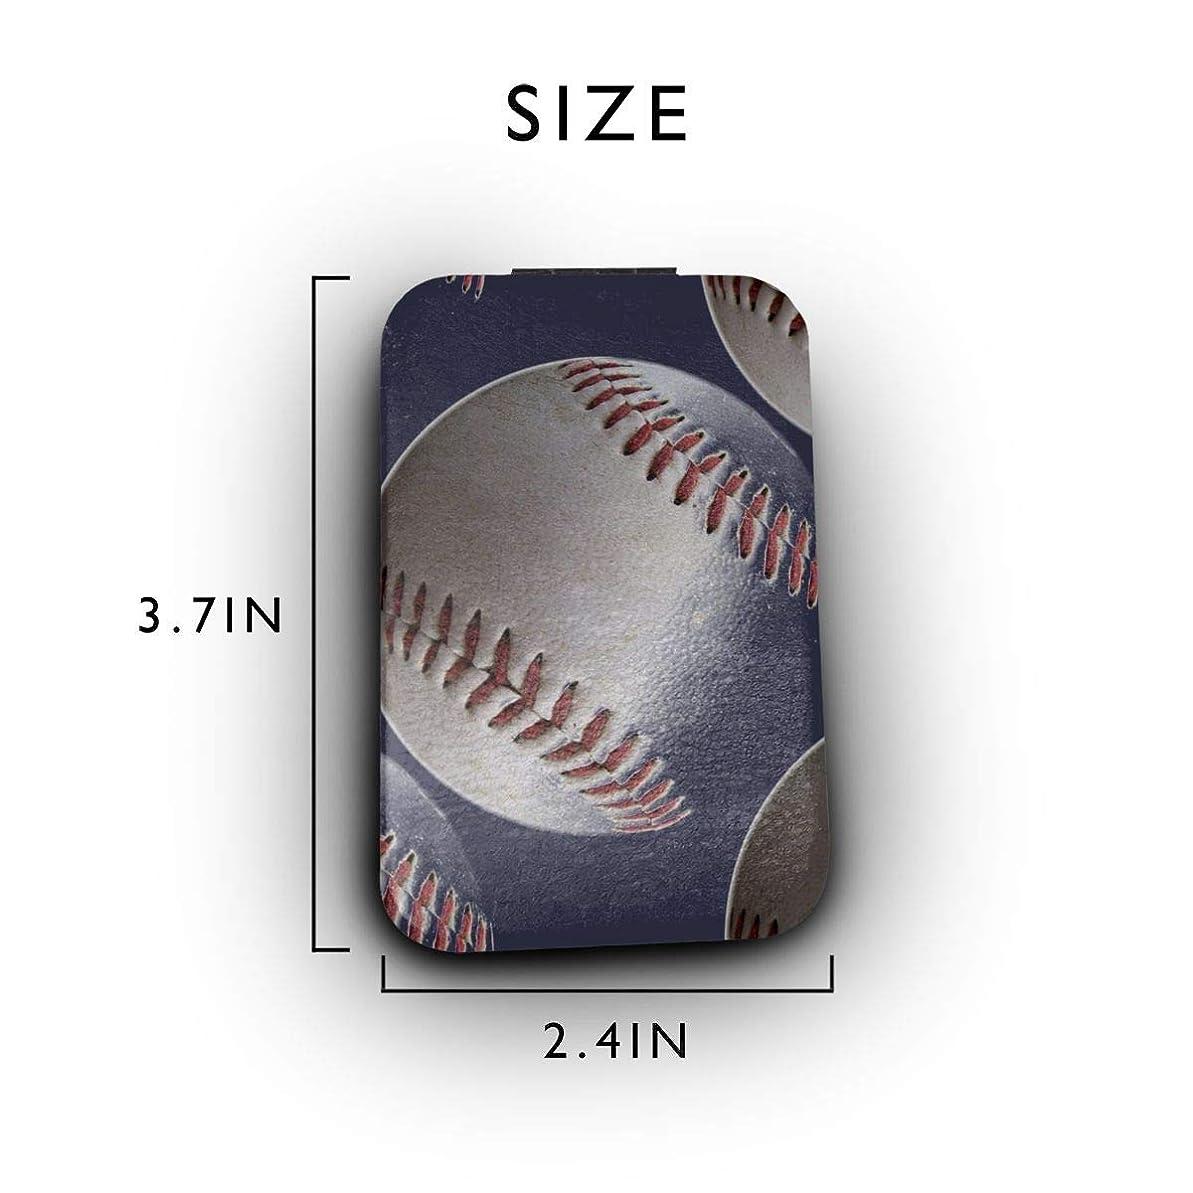 誕生記録の面では野球 運動 紺色 携帯ミラー 手鏡 化粧鏡 ミニ化粧鏡 3倍拡大鏡+等倍鏡 両面化粧鏡 角型 携帯型 折り畳み式 コンパクト鏡 外出に 持ち運び便利 超軽量 おしゃれ 9.8X6.6CM